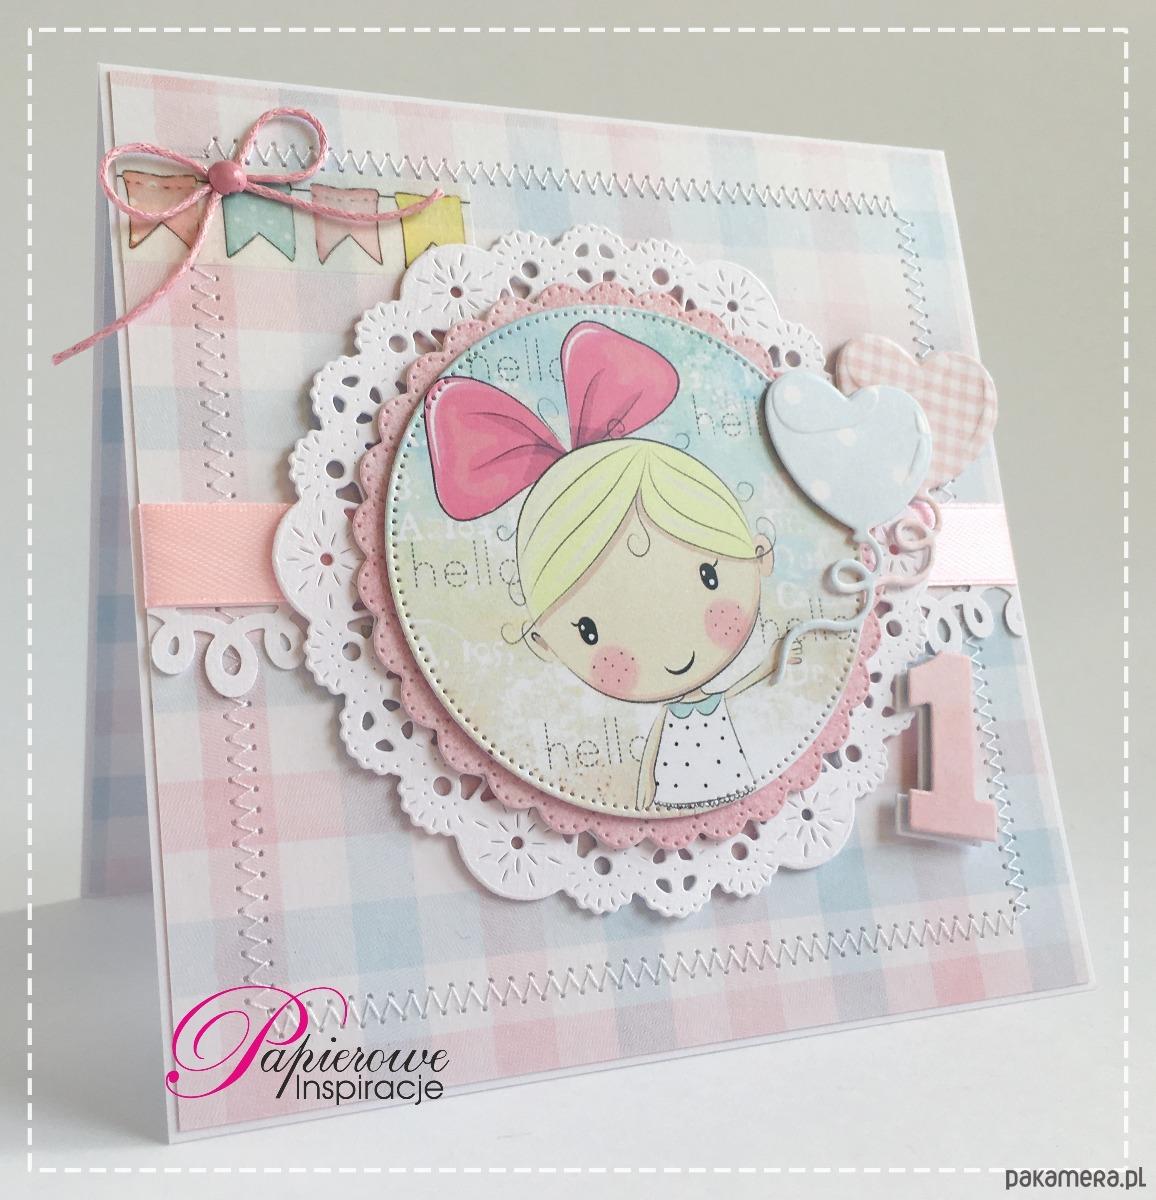 da6a1e8356 kartki okolicznościowe - scrapbooking-Kartka urodzinowa na roczek  dziewczynka